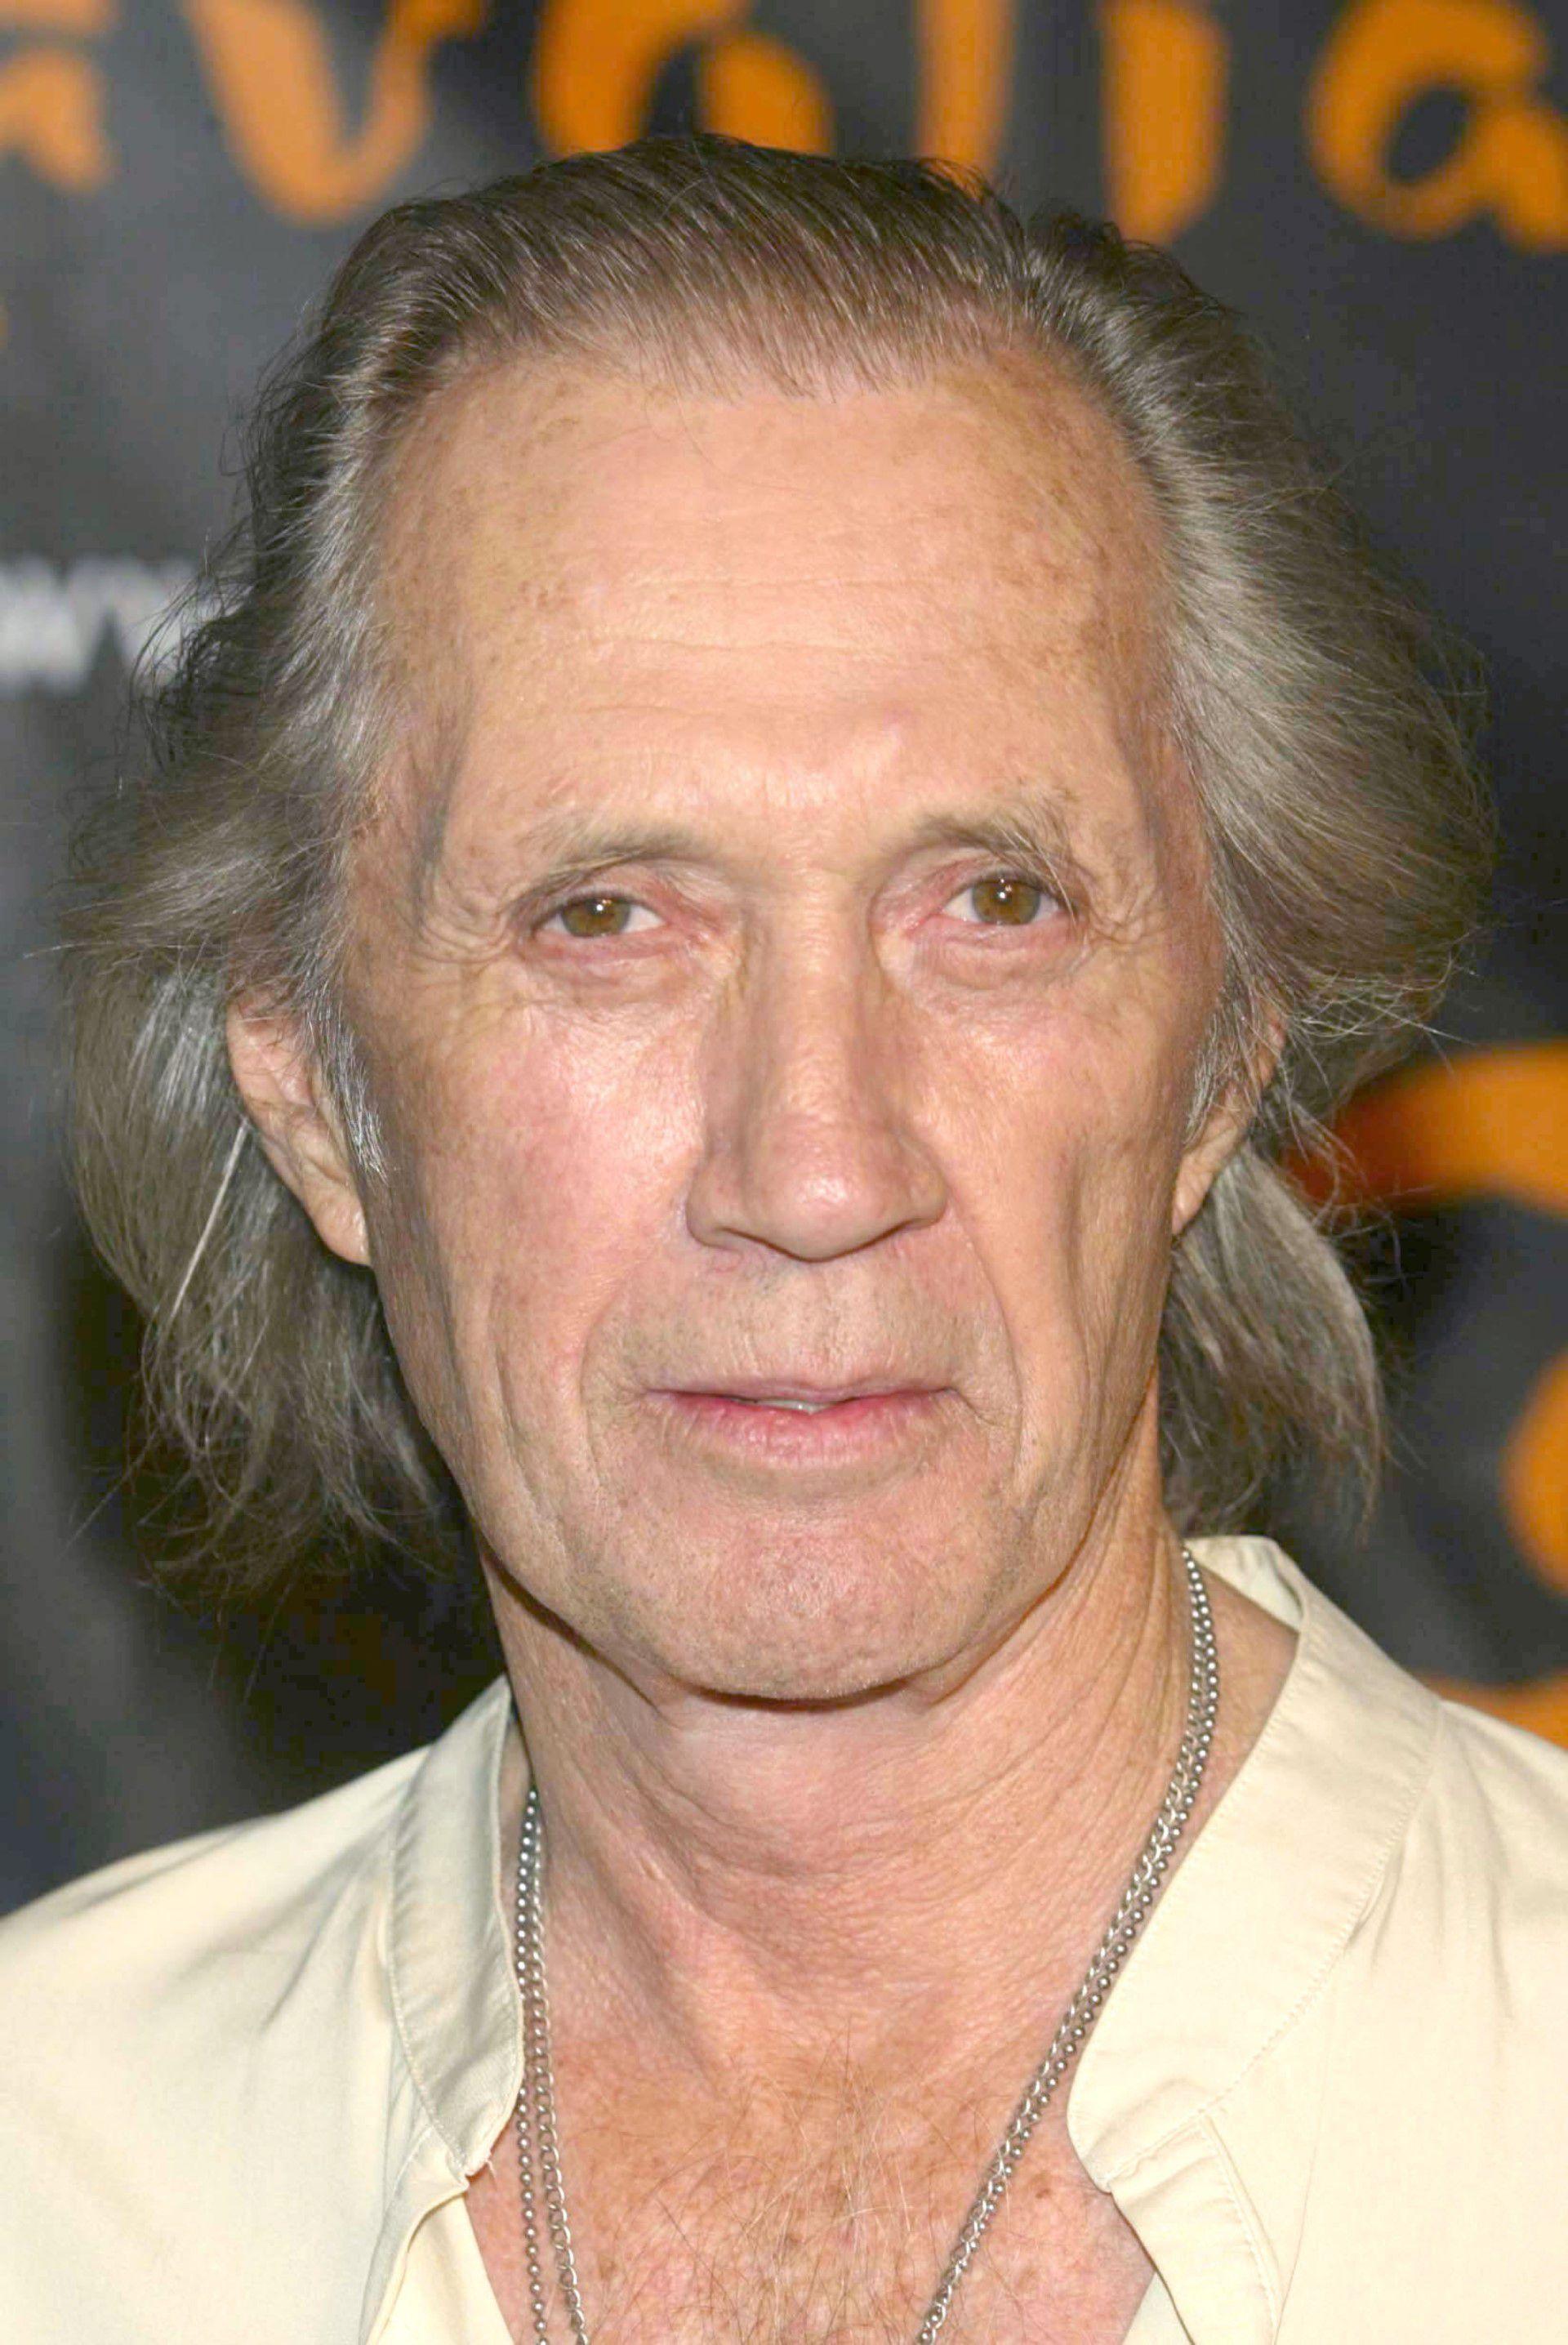 David Carradine en 2004 (Foto: Shutterstock)